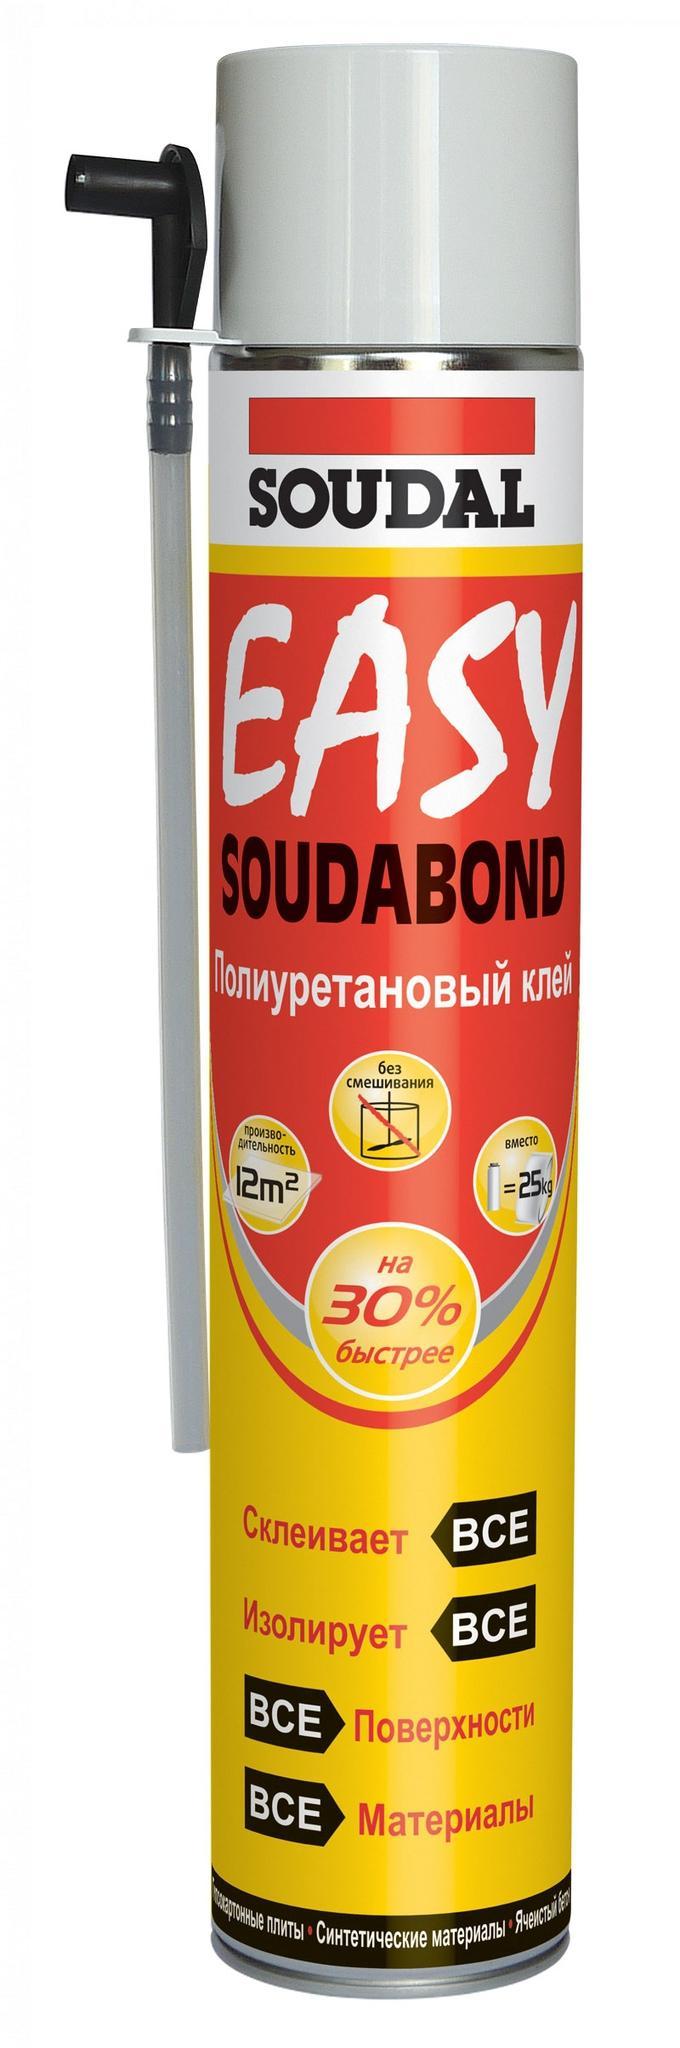 Клей для пенополистирола полиуретан Соудал Soudabond EASY 750мл